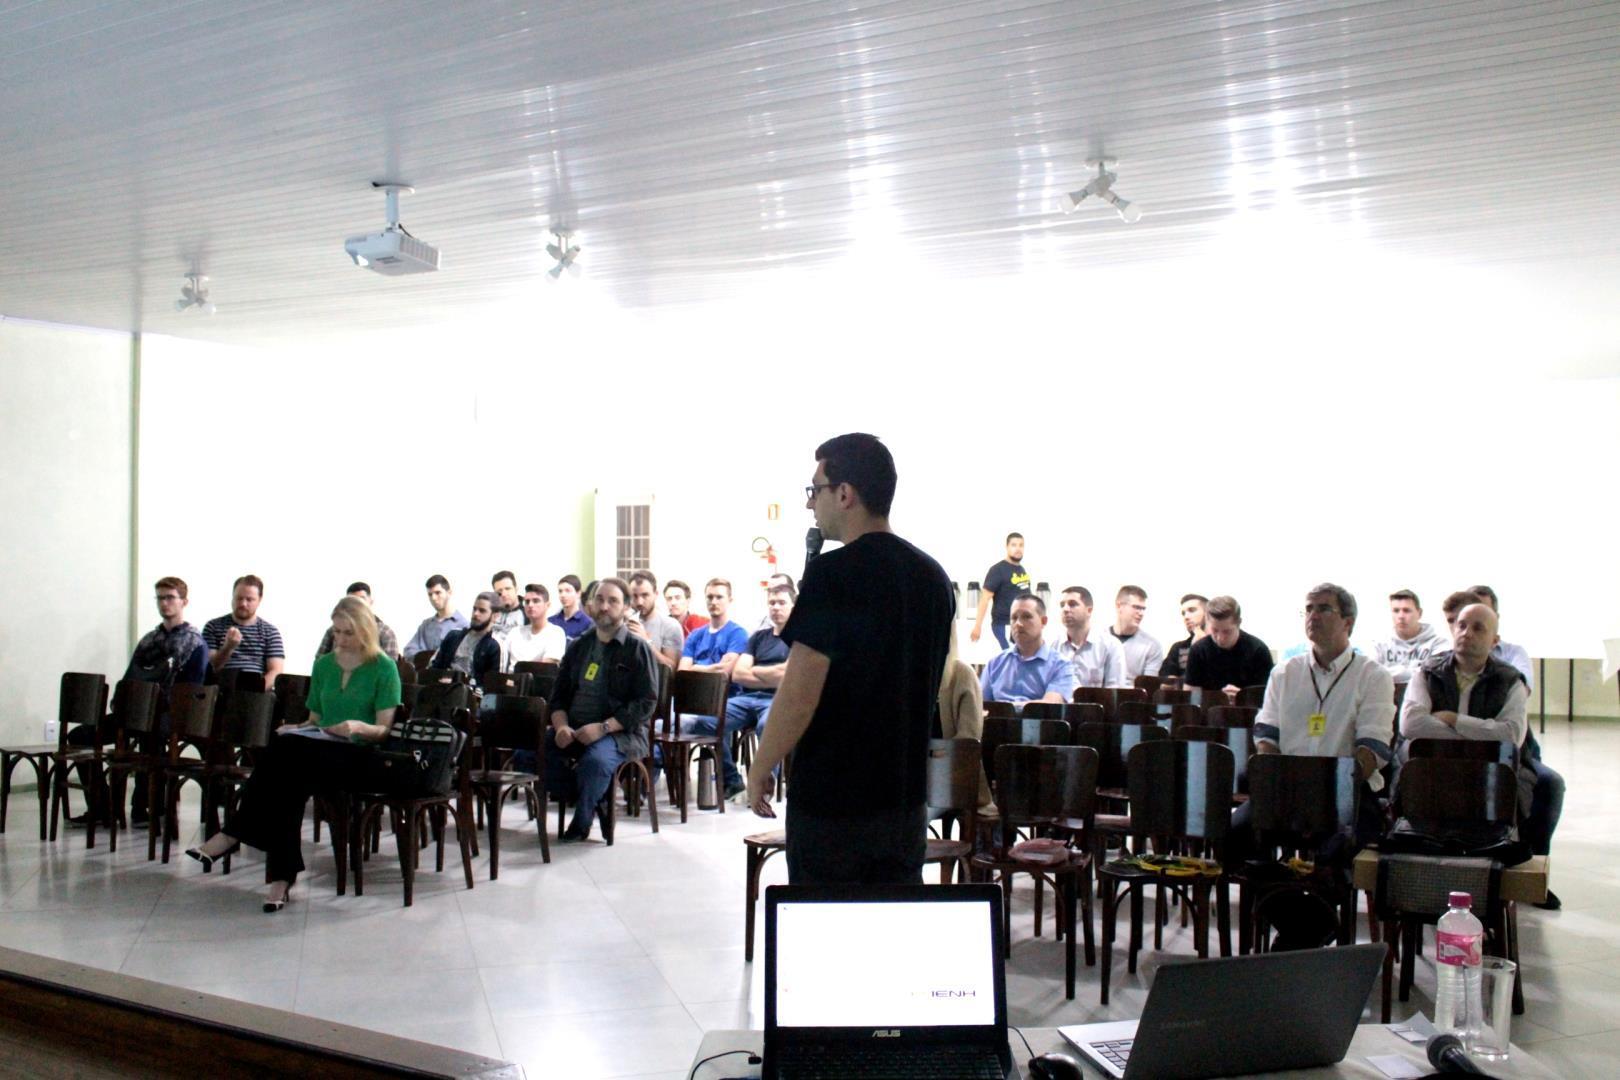 Faculdade IENH promove evento para comemorar o Dia do Profissional de Informática